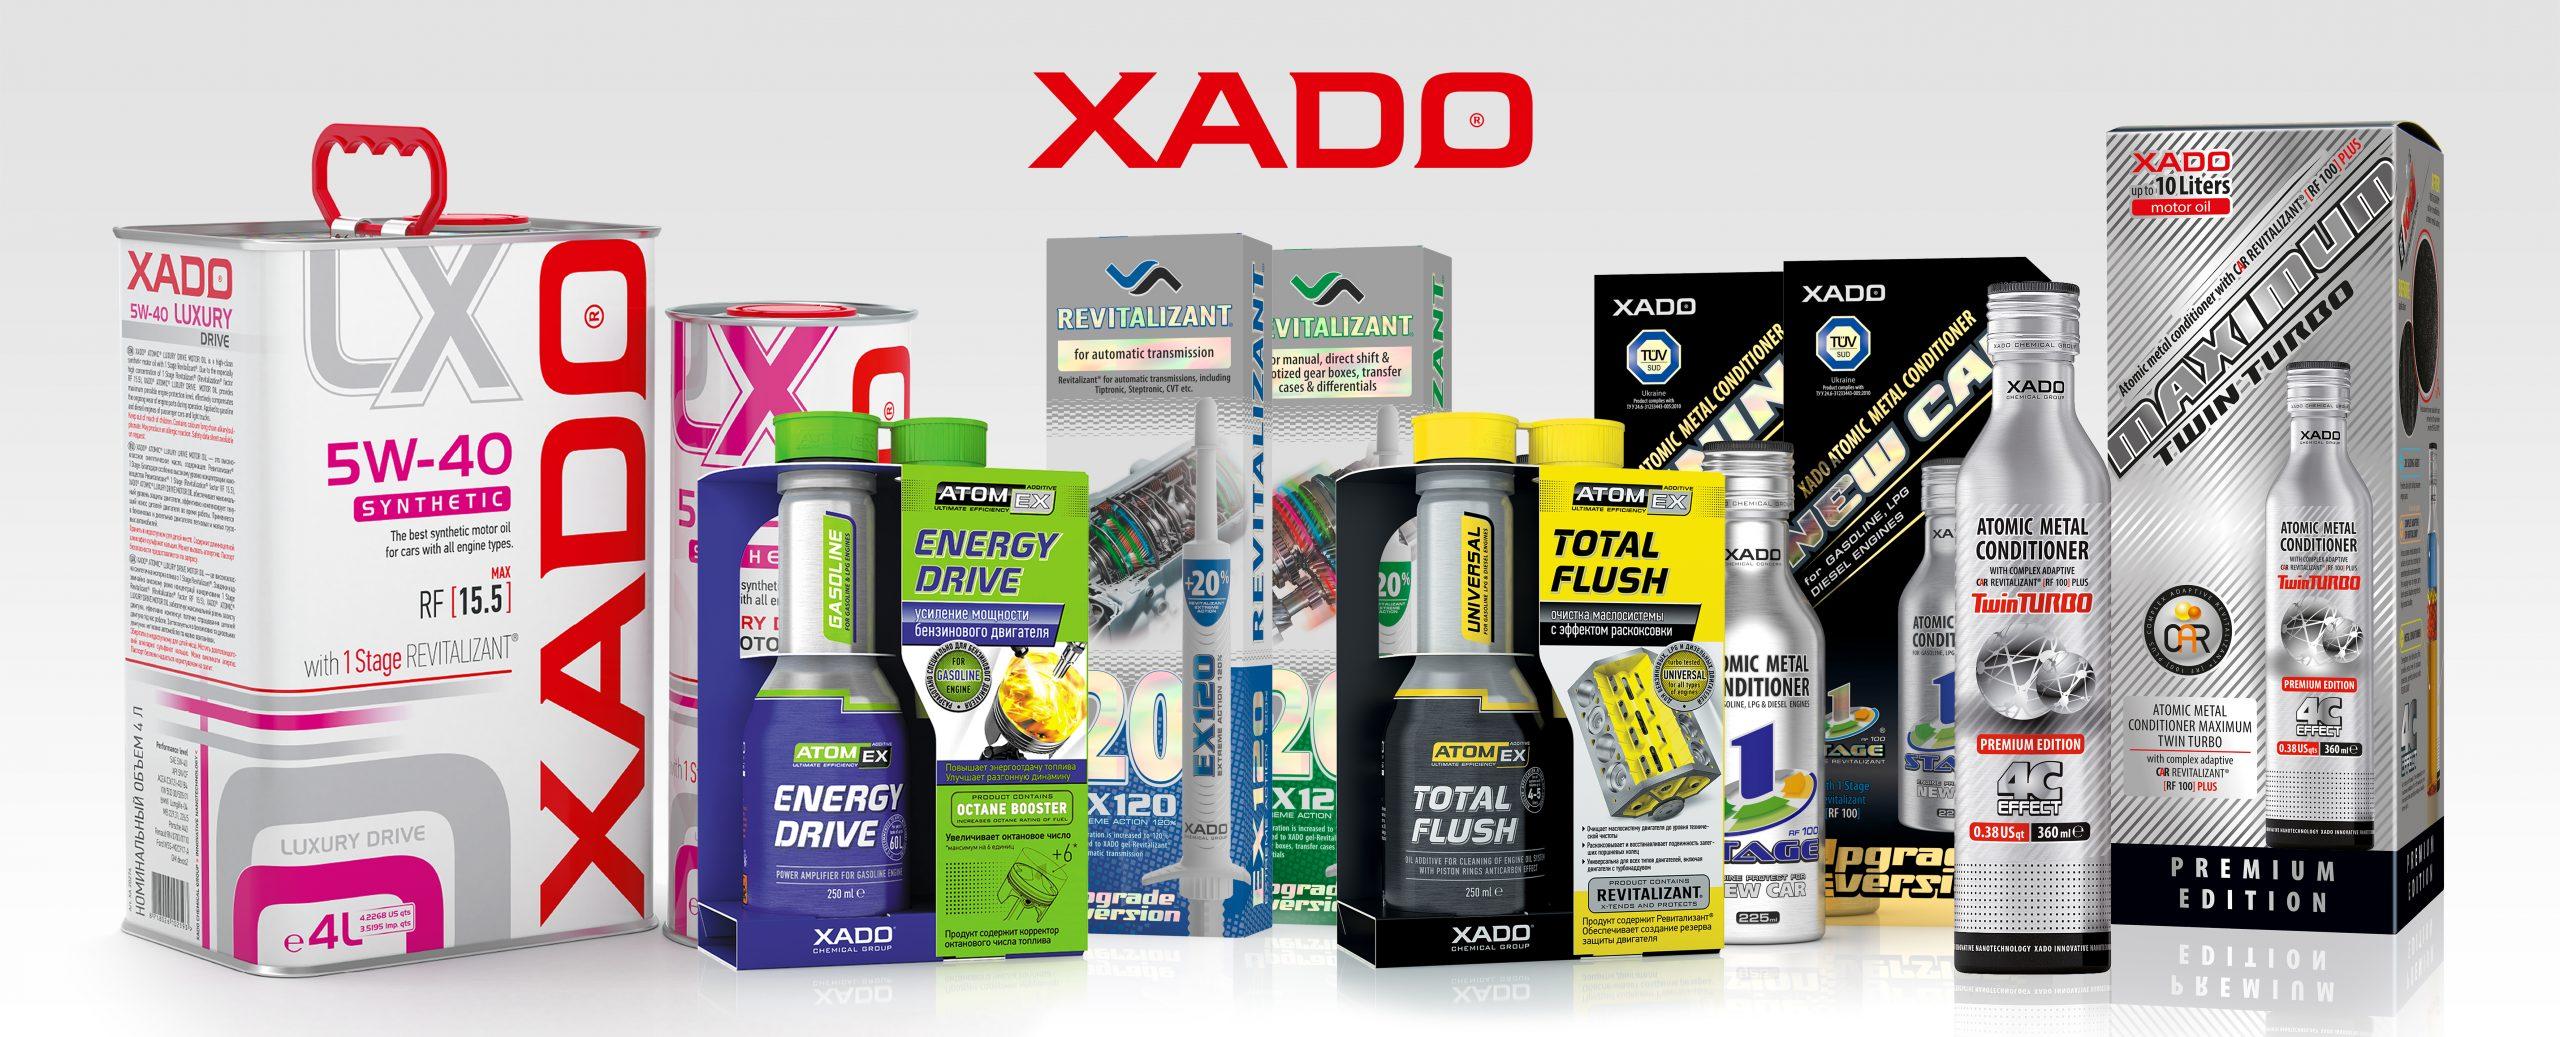 XADO Products